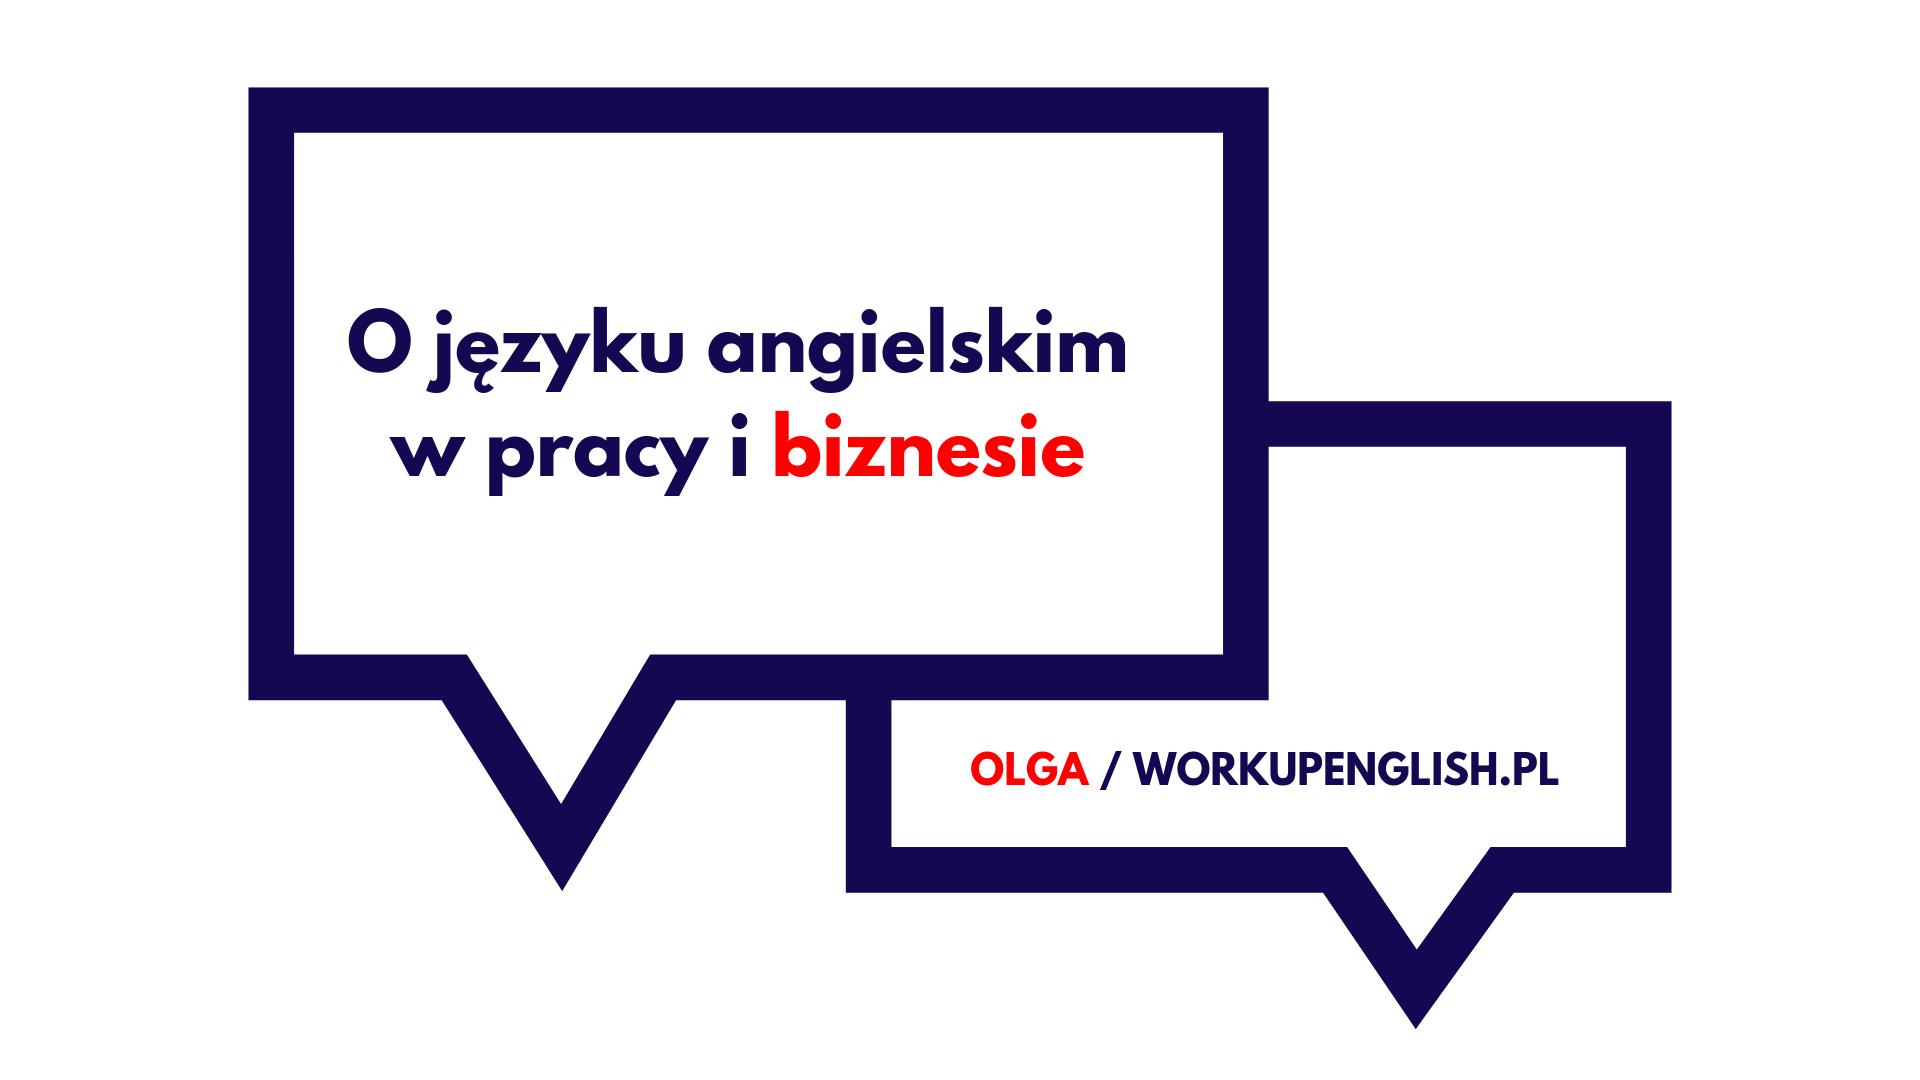 Olga o języku angielskim w pracy i biznesie